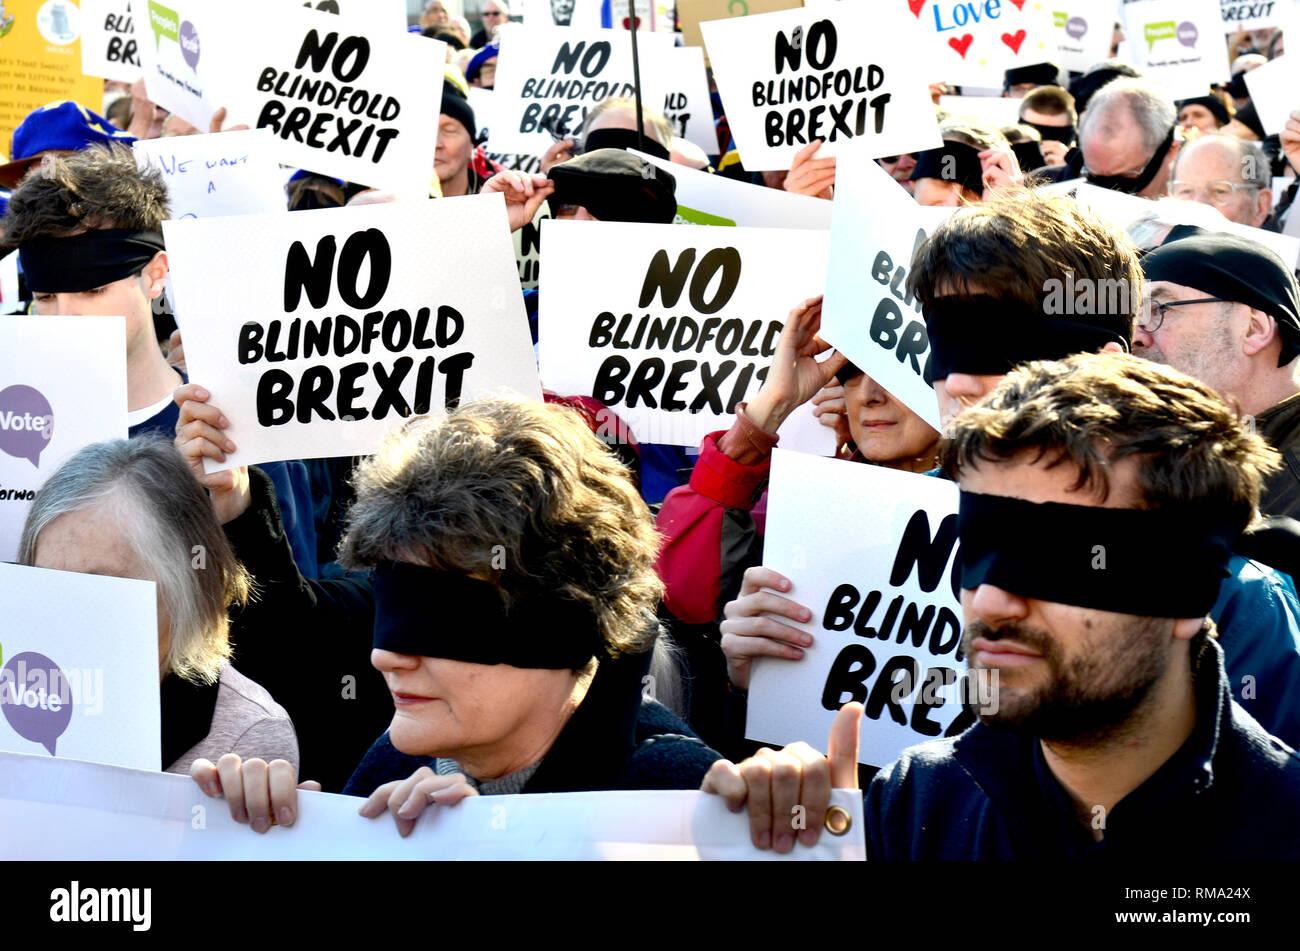 Londres, le 14 mai 2019. Des centaines de personnes à des manifestations anti-Brext, accompagné d'un nombre plus ou pro-Brexit Quitter signifie laisser les manifestants. Pas de bandeau Brexit manifestation à la place du Parlement Photo Stock